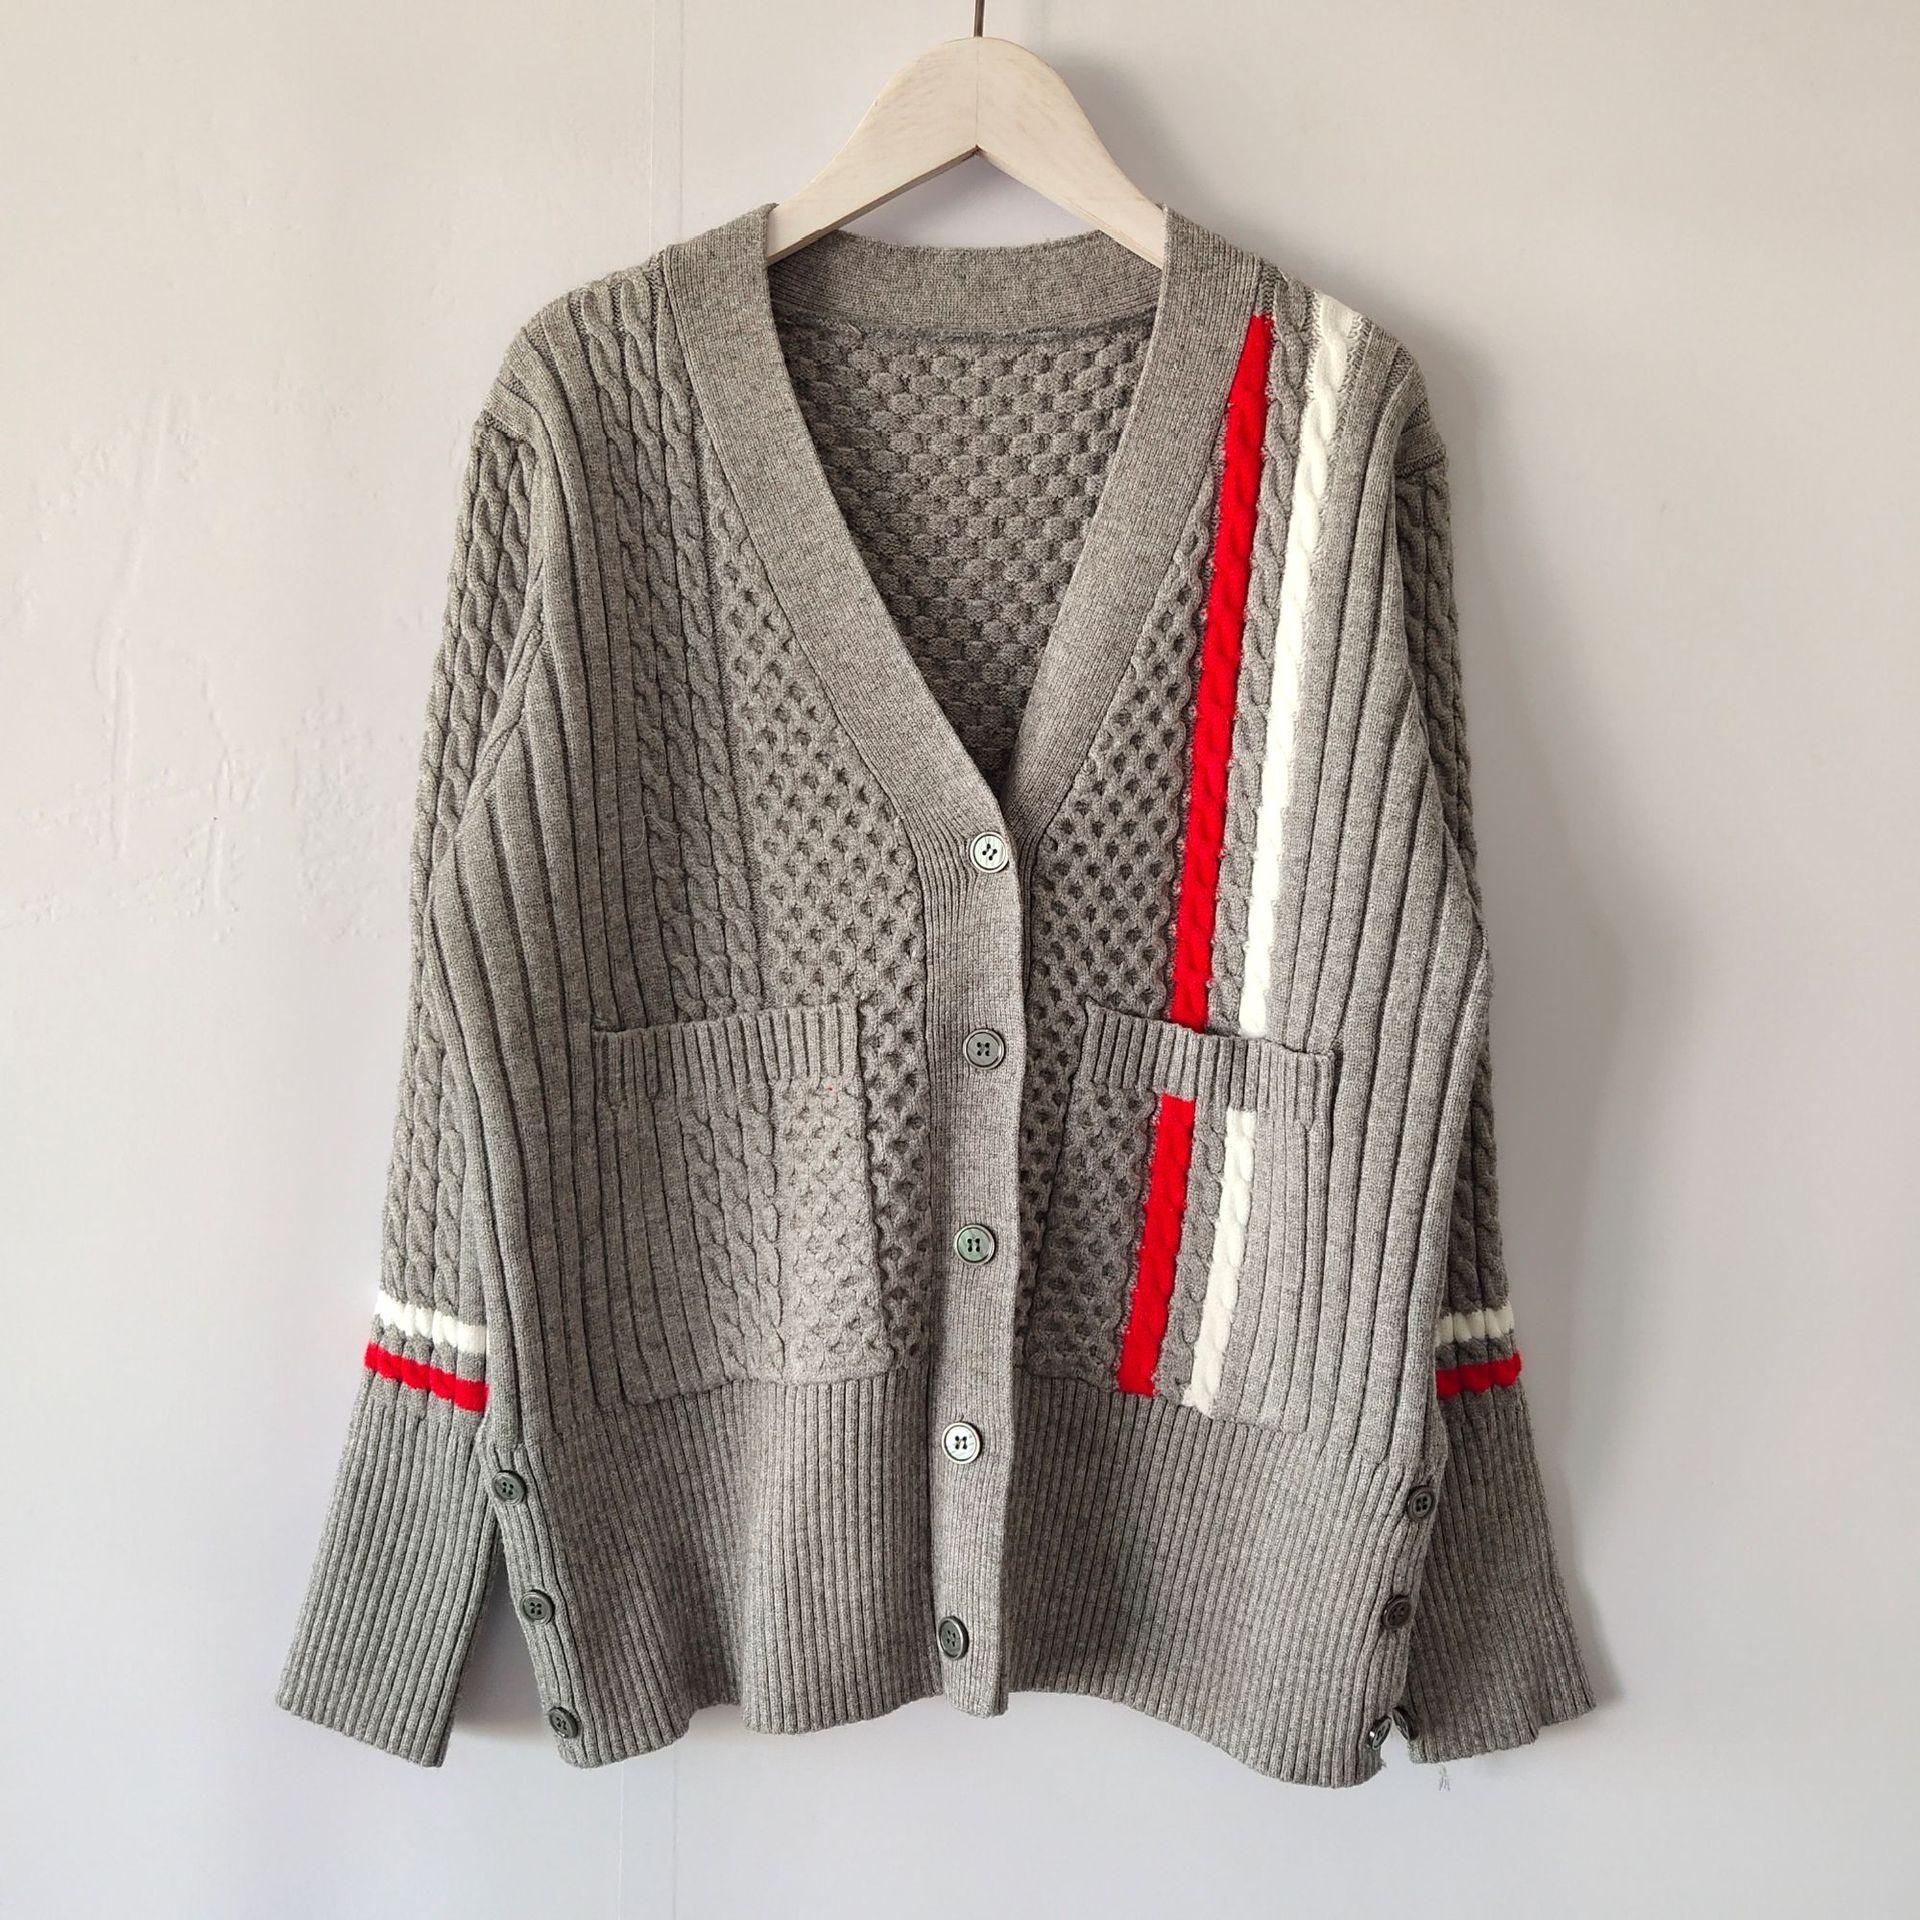 neuer Herbst neues Design Mode der Frauen mit V-Ausschnitt Einreiher langen Hülsendruck Blumenstreifen-Patchwork gestrickten Pullover Mantel Strickjacke casacos